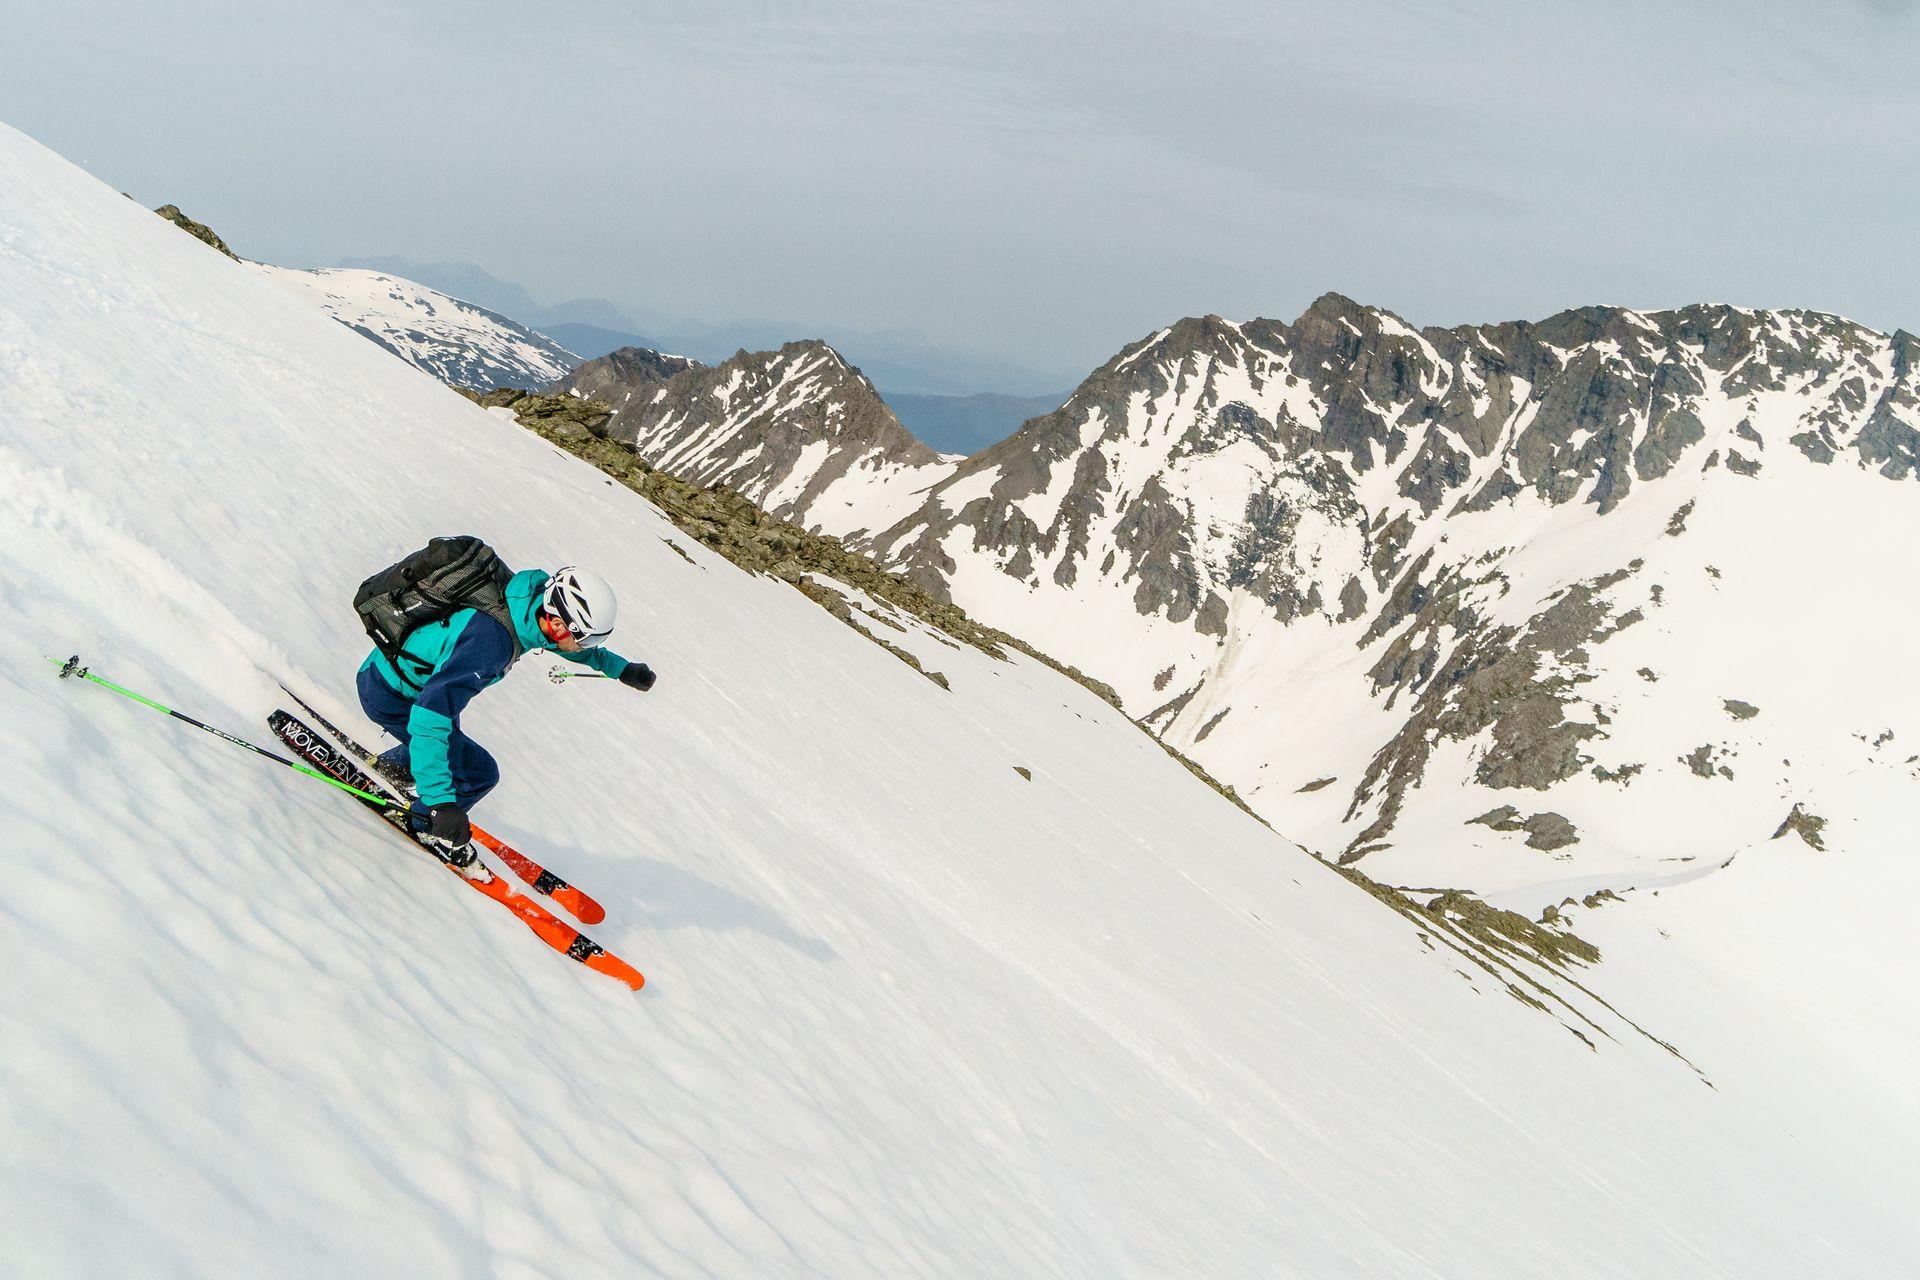 Esquiando en los fiordos de Noruega